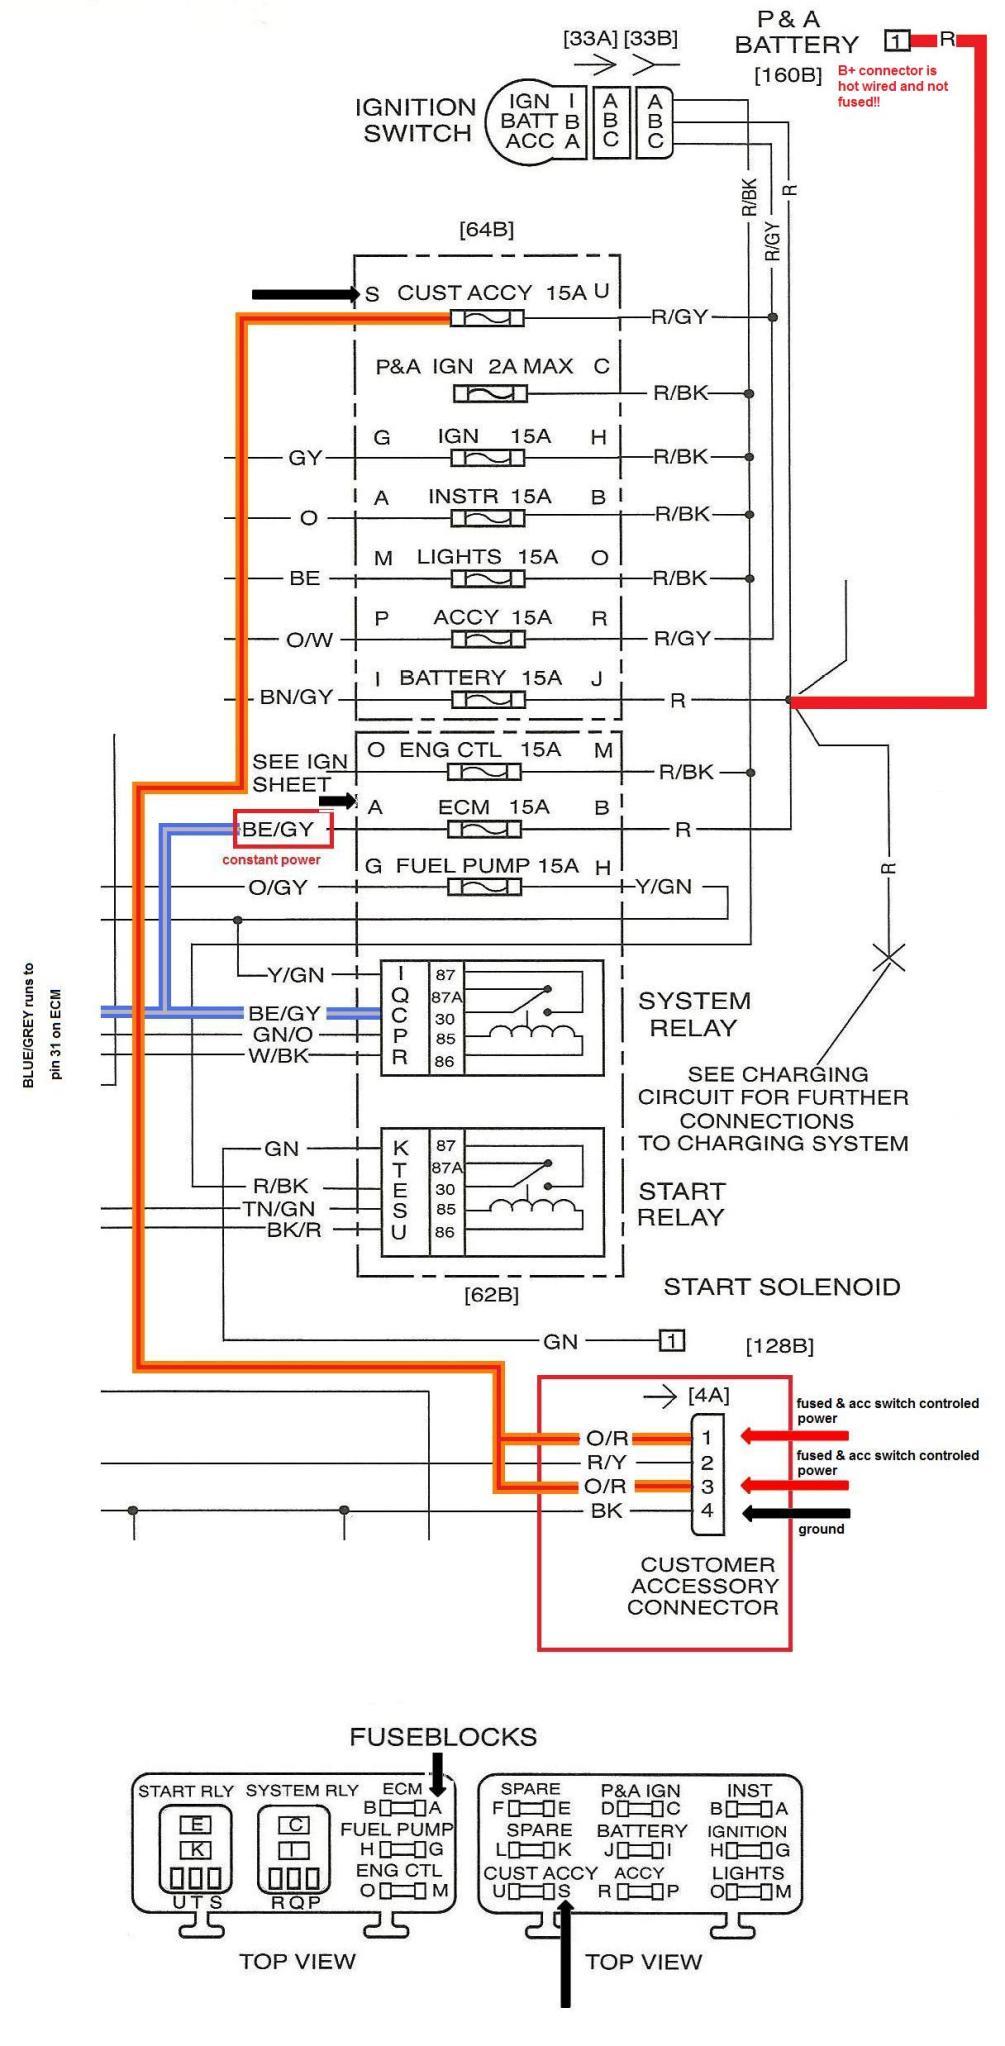 Modif faisceau coupure passings en plein phare - Page 2 4906c010